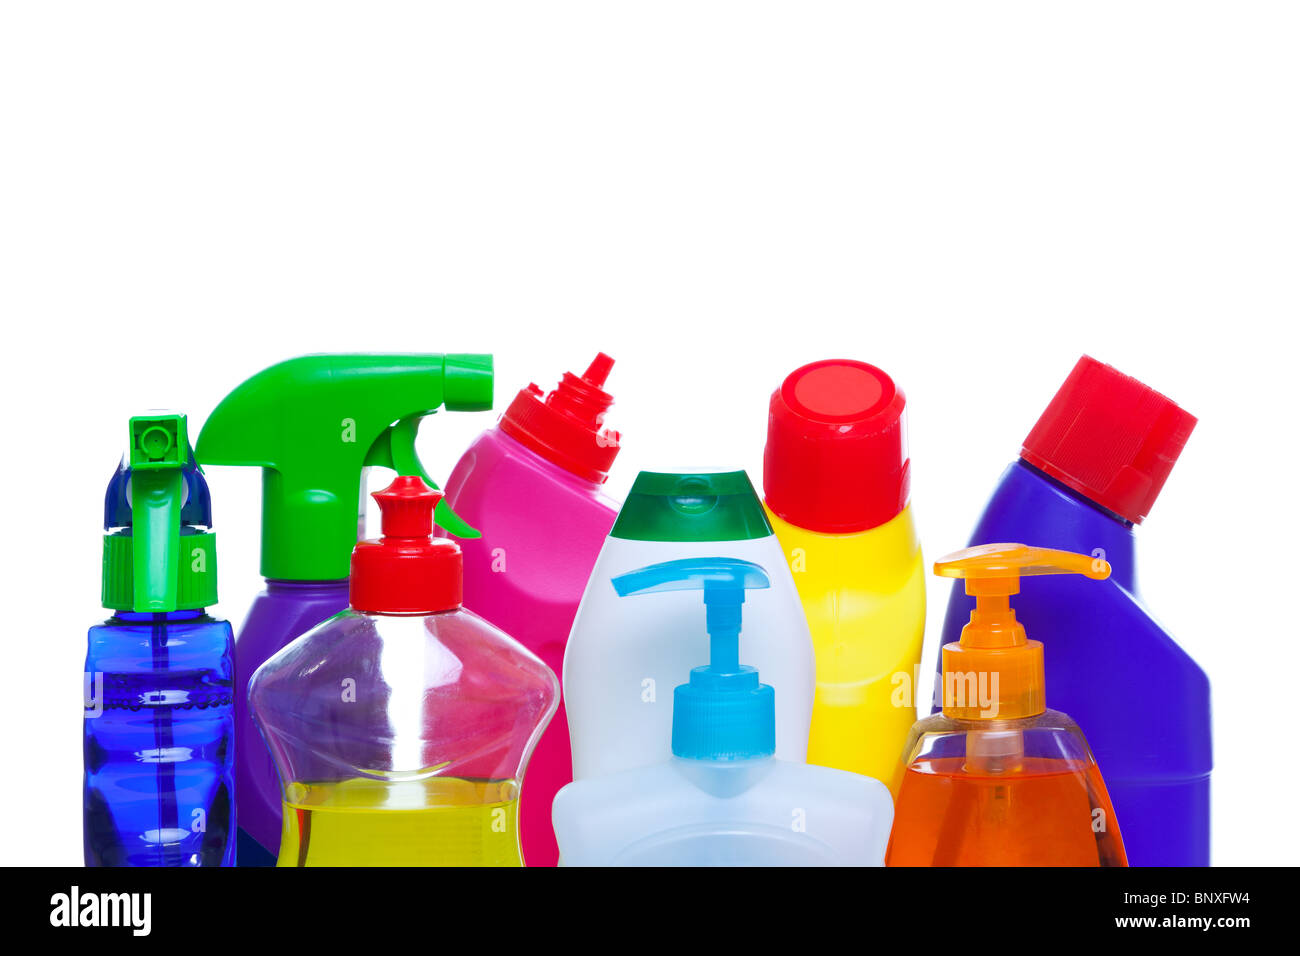 Foto de producto químico de limpieza de botellas isoalted sobre un fondo blanco. Imagen De Stock